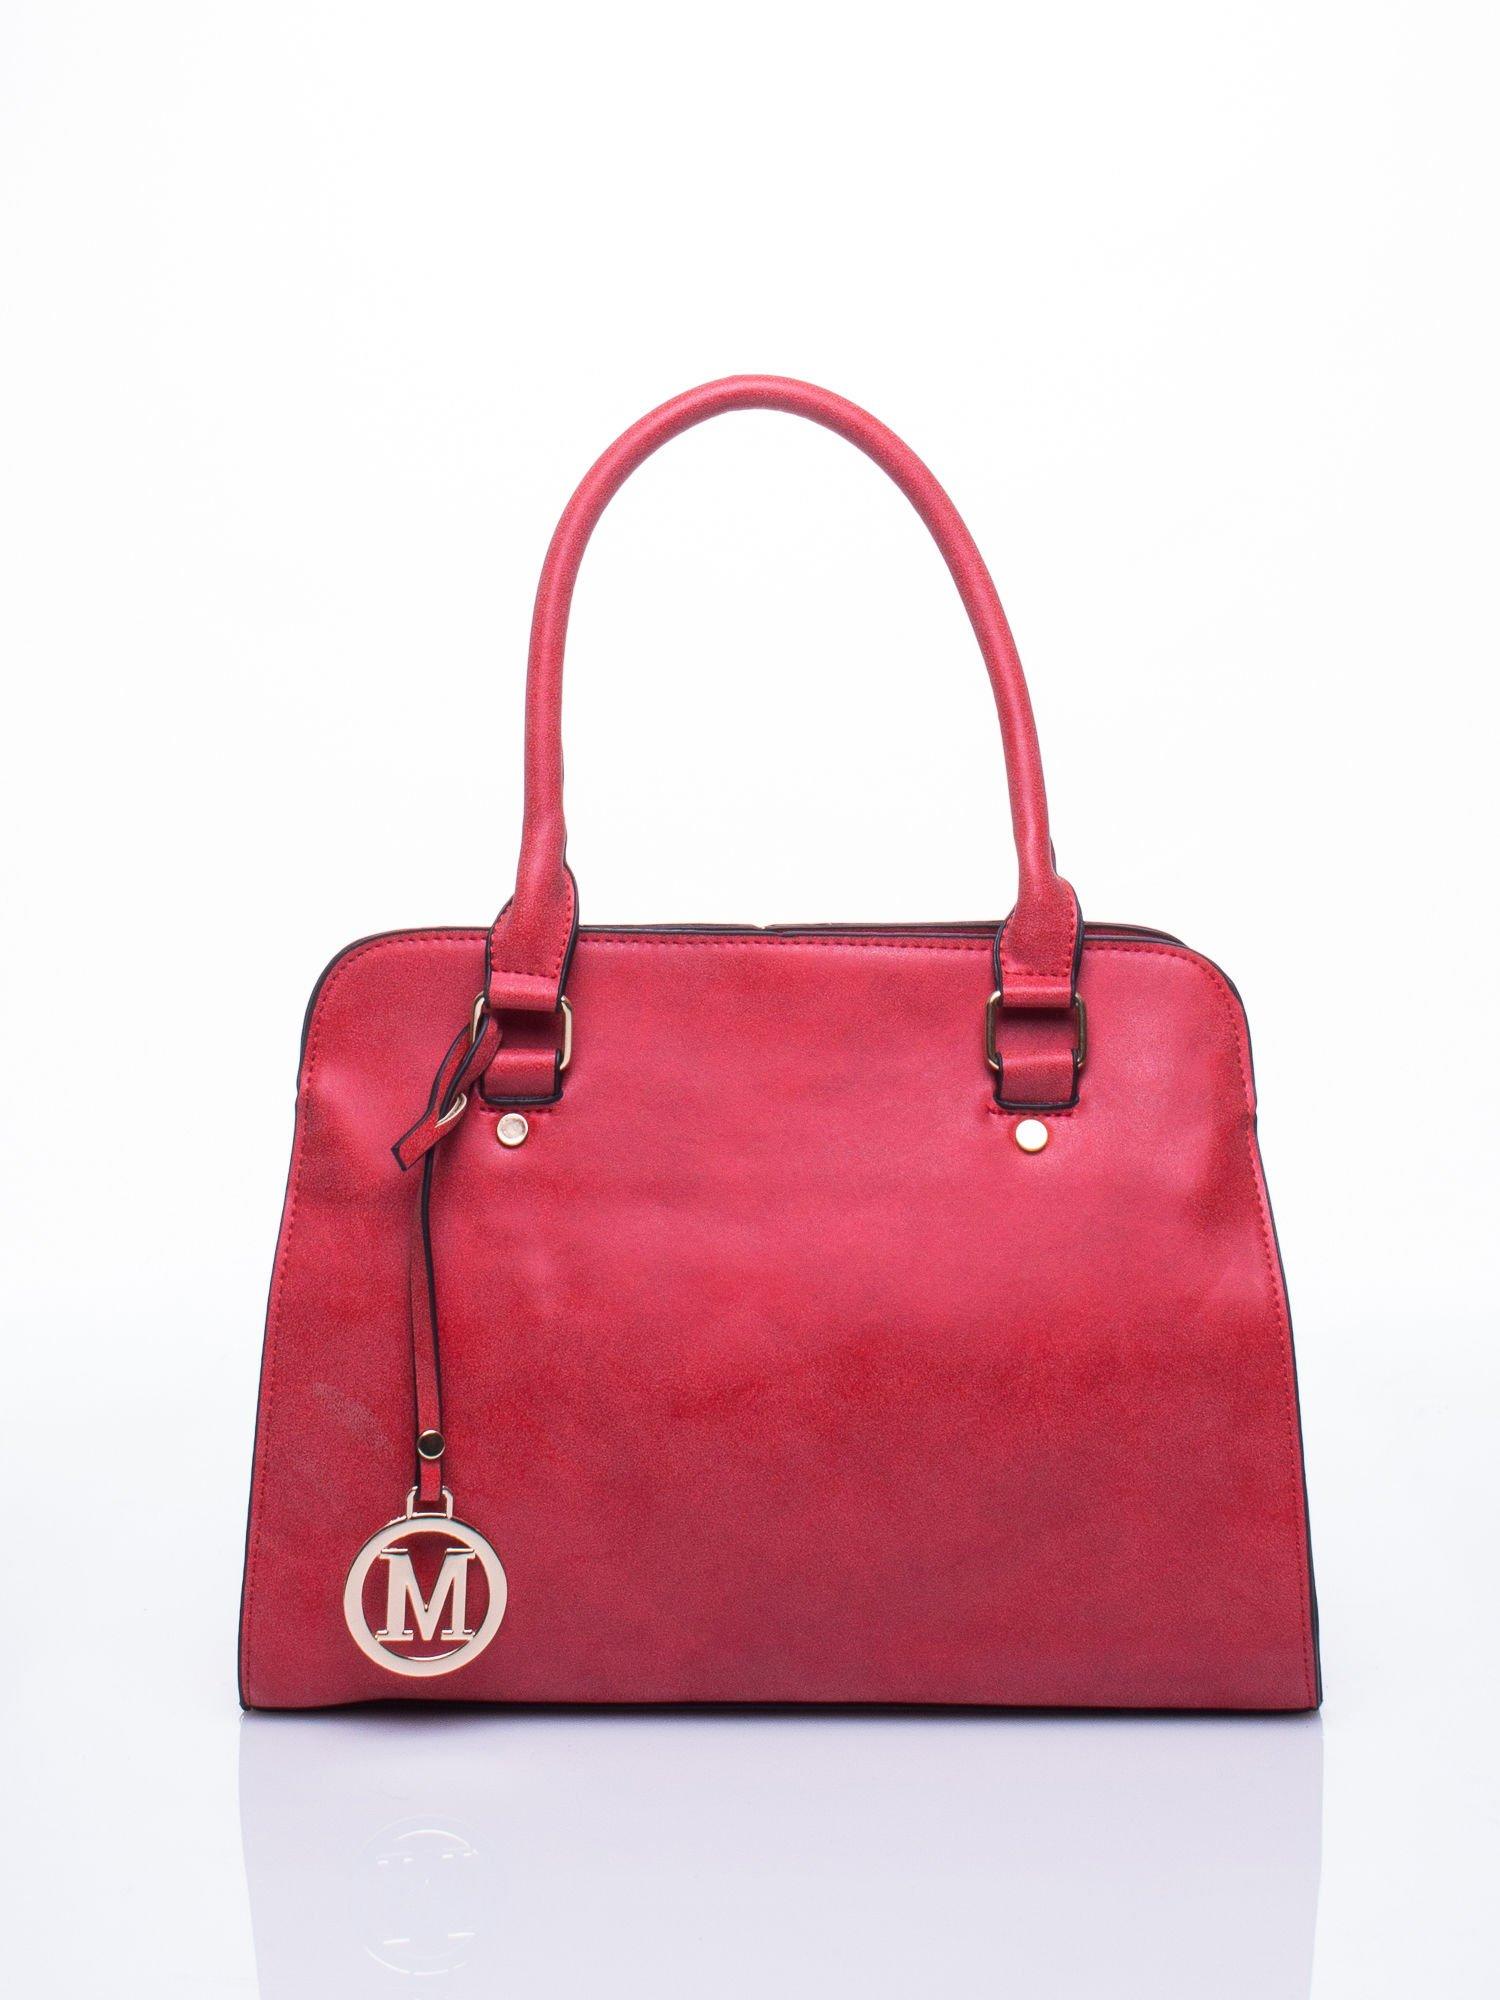 Czerwona torebka miejska z zawieszką                                  zdj.                                  1